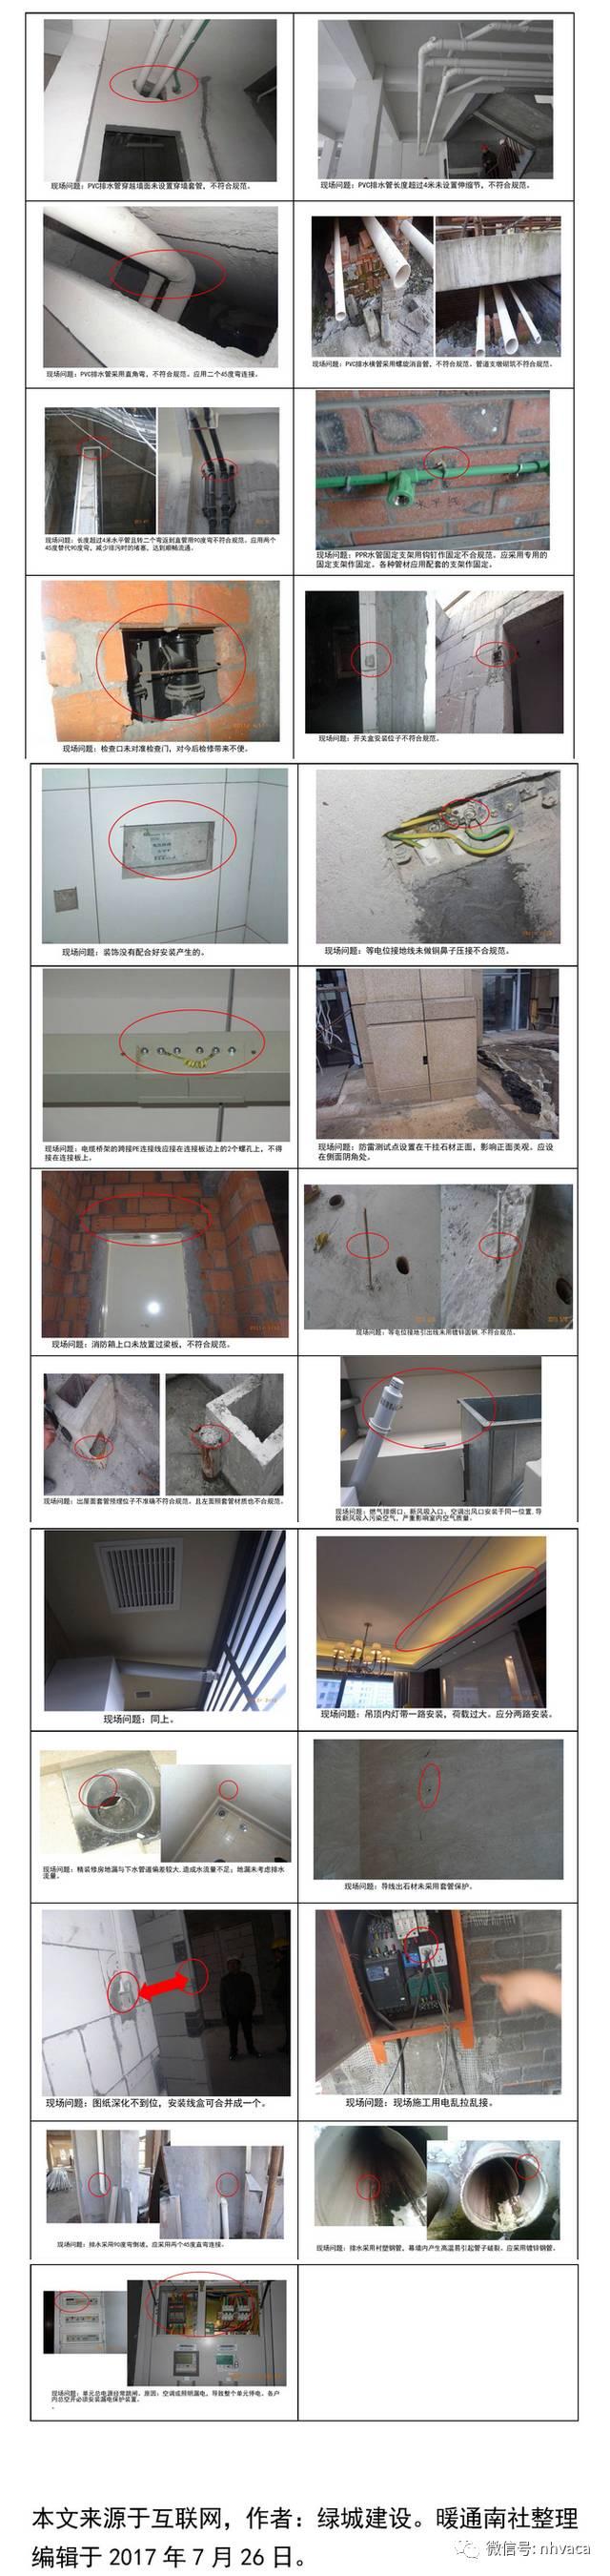 建筑机电安装工程质量通病案例汇编_5